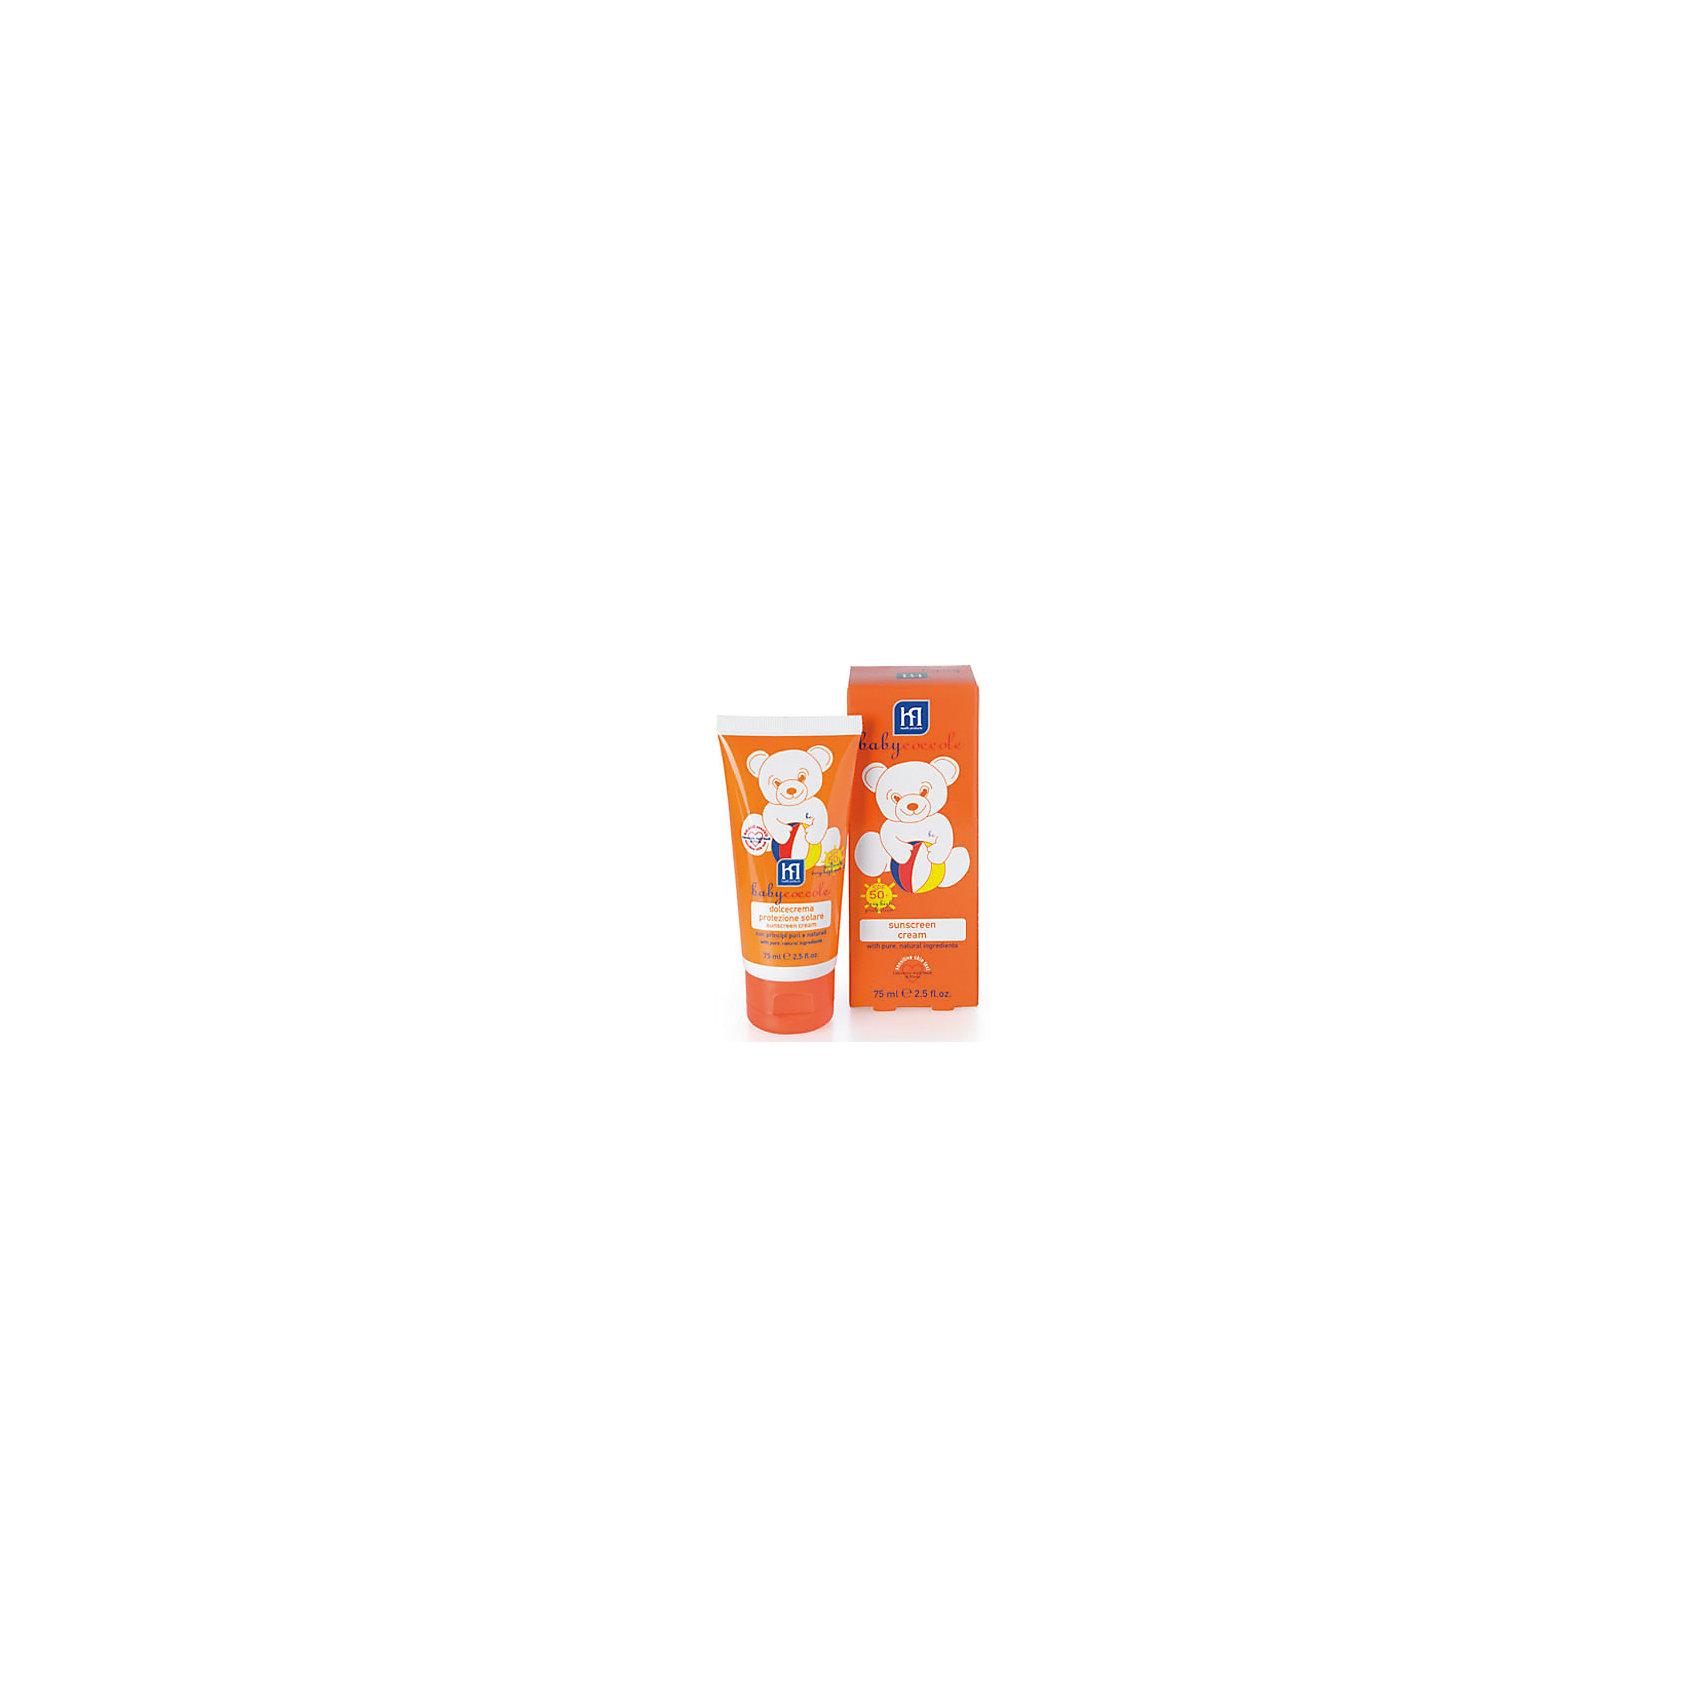 Babycoccole Крем солнцезащитный мягкий SPF50+ 75мл, Babycoccole babycoccole крем от растяжек для беременных mammacoccole 300 мл babycoccole